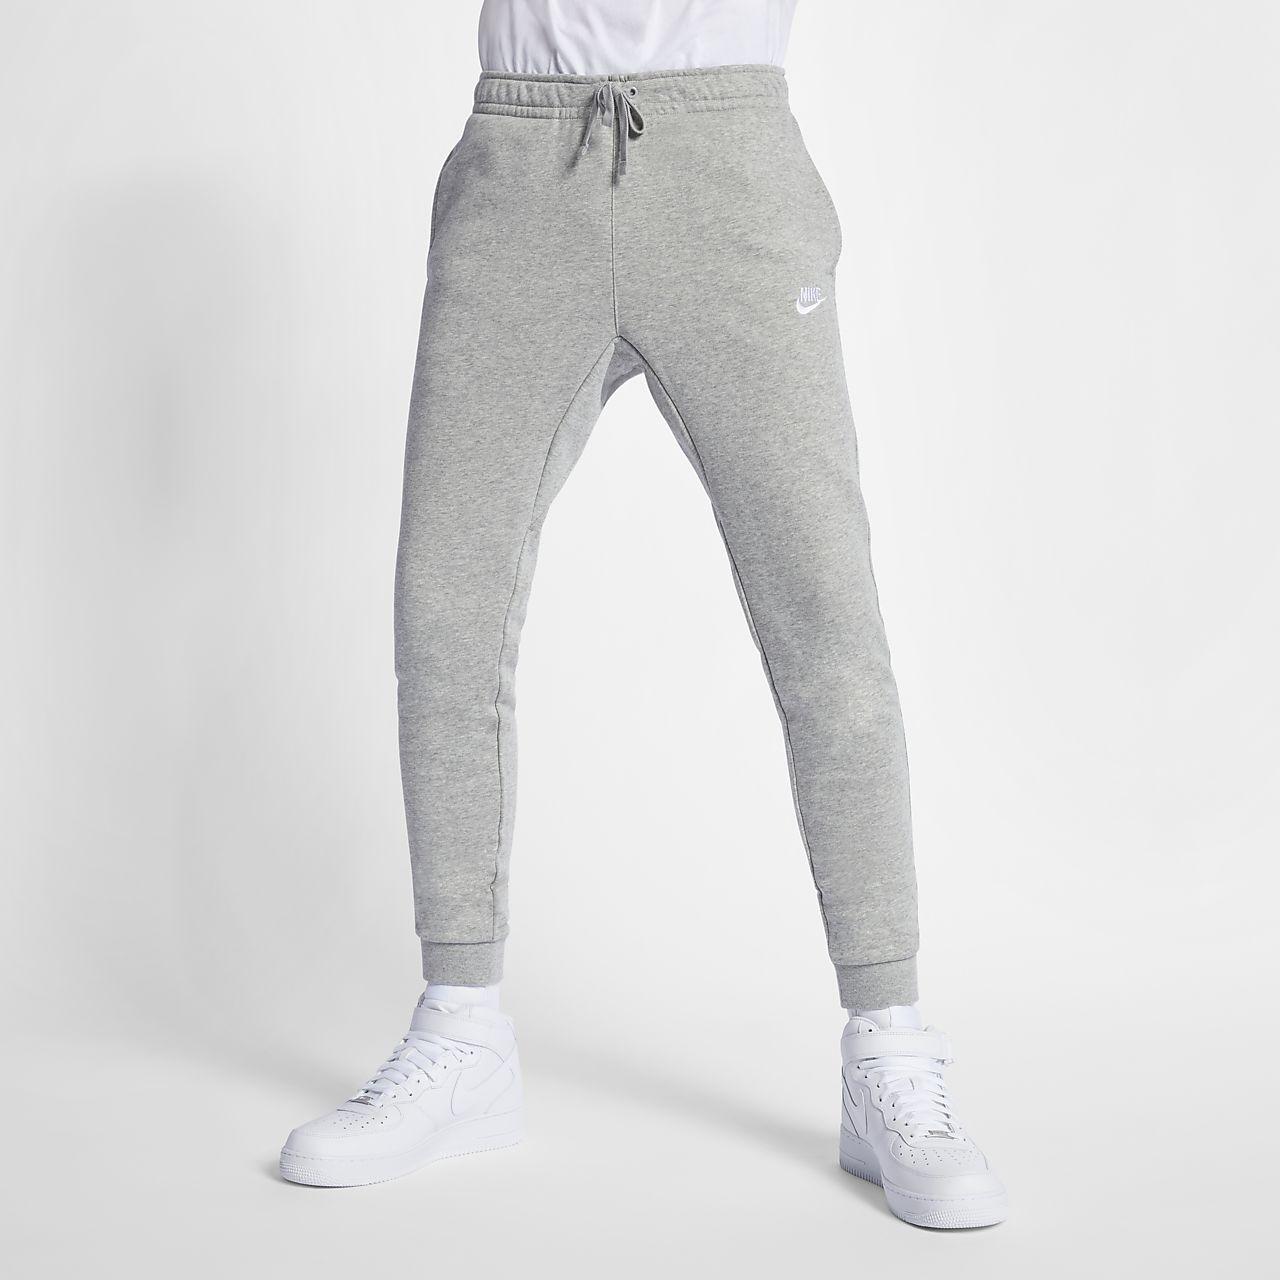 pantalones de entrenamiento para hombre nike sportswear mx. Black Bedroom Furniture Sets. Home Design Ideas